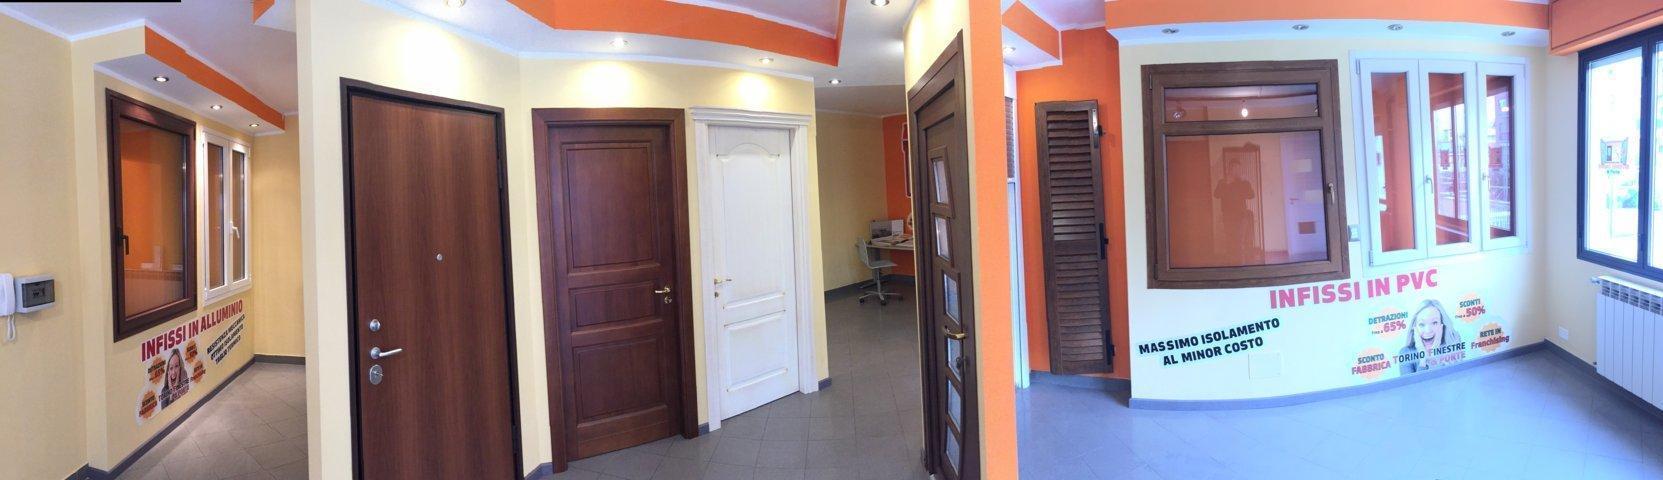 Torino finestre infissi e serramenti in pvc torino prezzi for Infissi pvc o alluminio prezzi